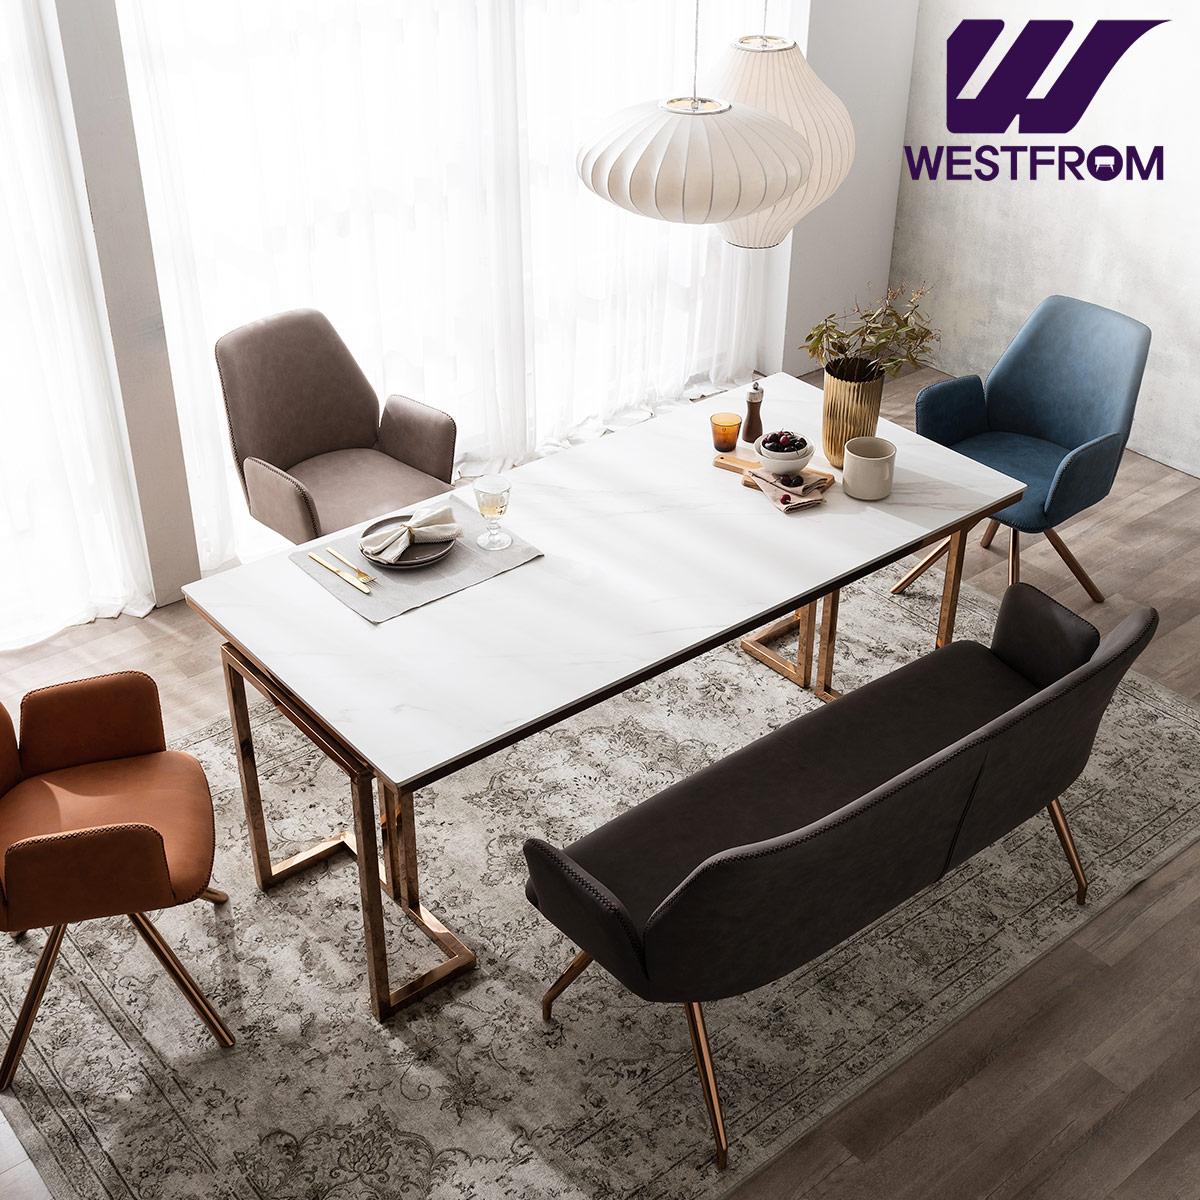 [웨스트프롬] 르노블 6인 포세린 세라믹 식탁 + 의자 3개, 벤치 1개